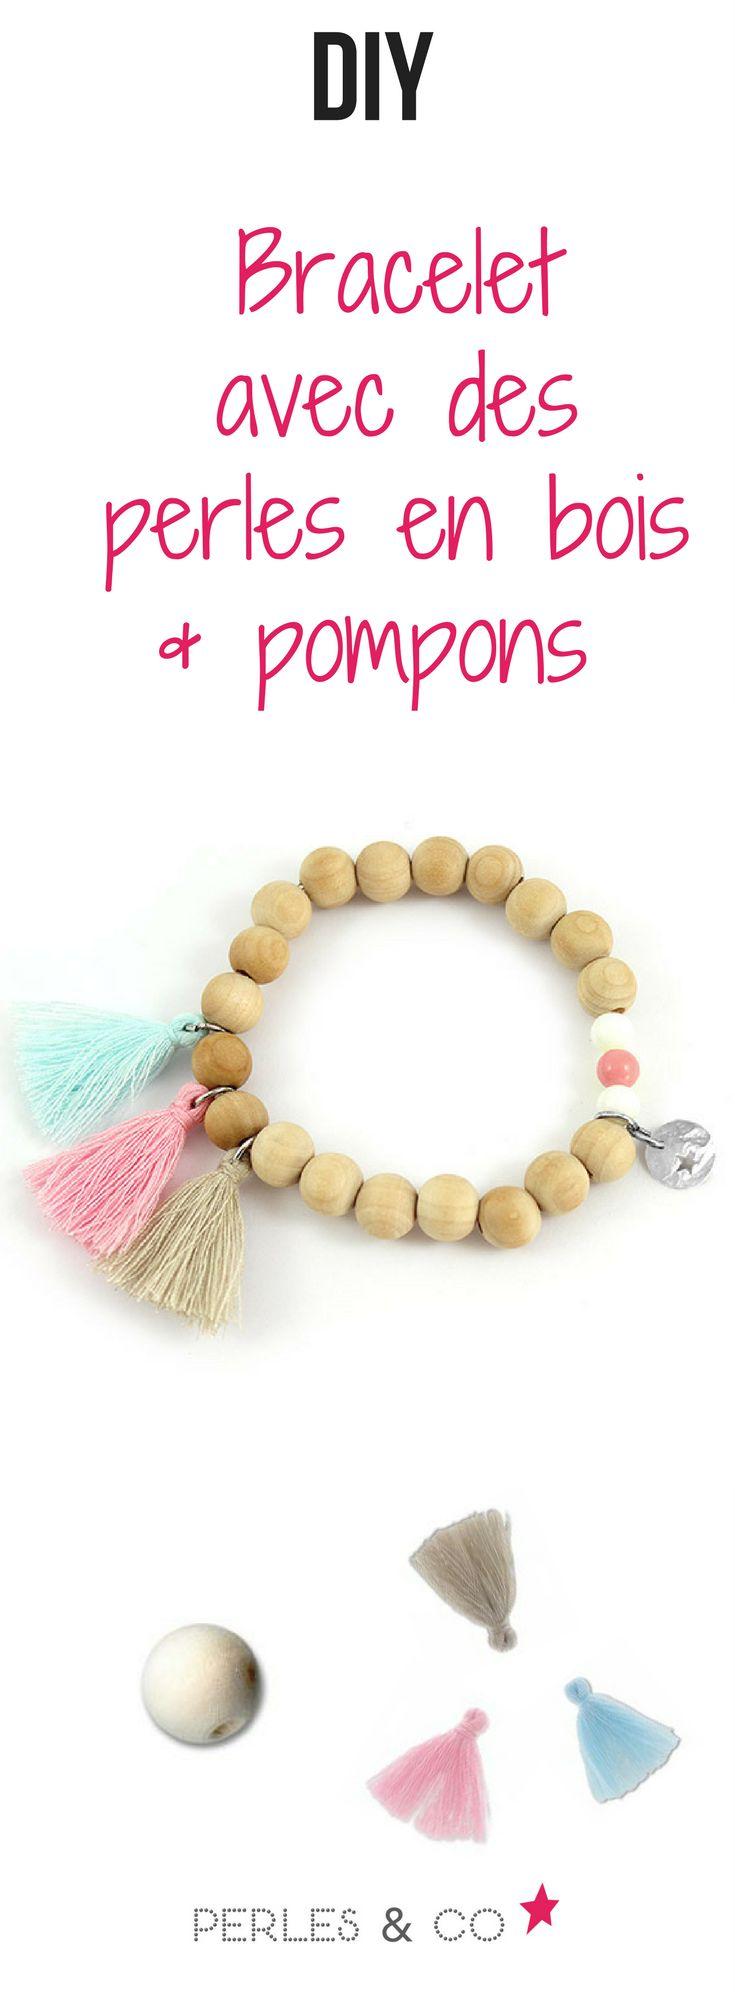 Comment réaliser un bracelet élastique avec des perles en bois ? Vous débutez dans la création de bijoux et souhaitez créer un bracelet élastique avec des perles en bois ? Suivez ce tutoriel et réalisez votre propre bracelet en un tour de main #diy #tuto #bracelet #perle #bois #pompon